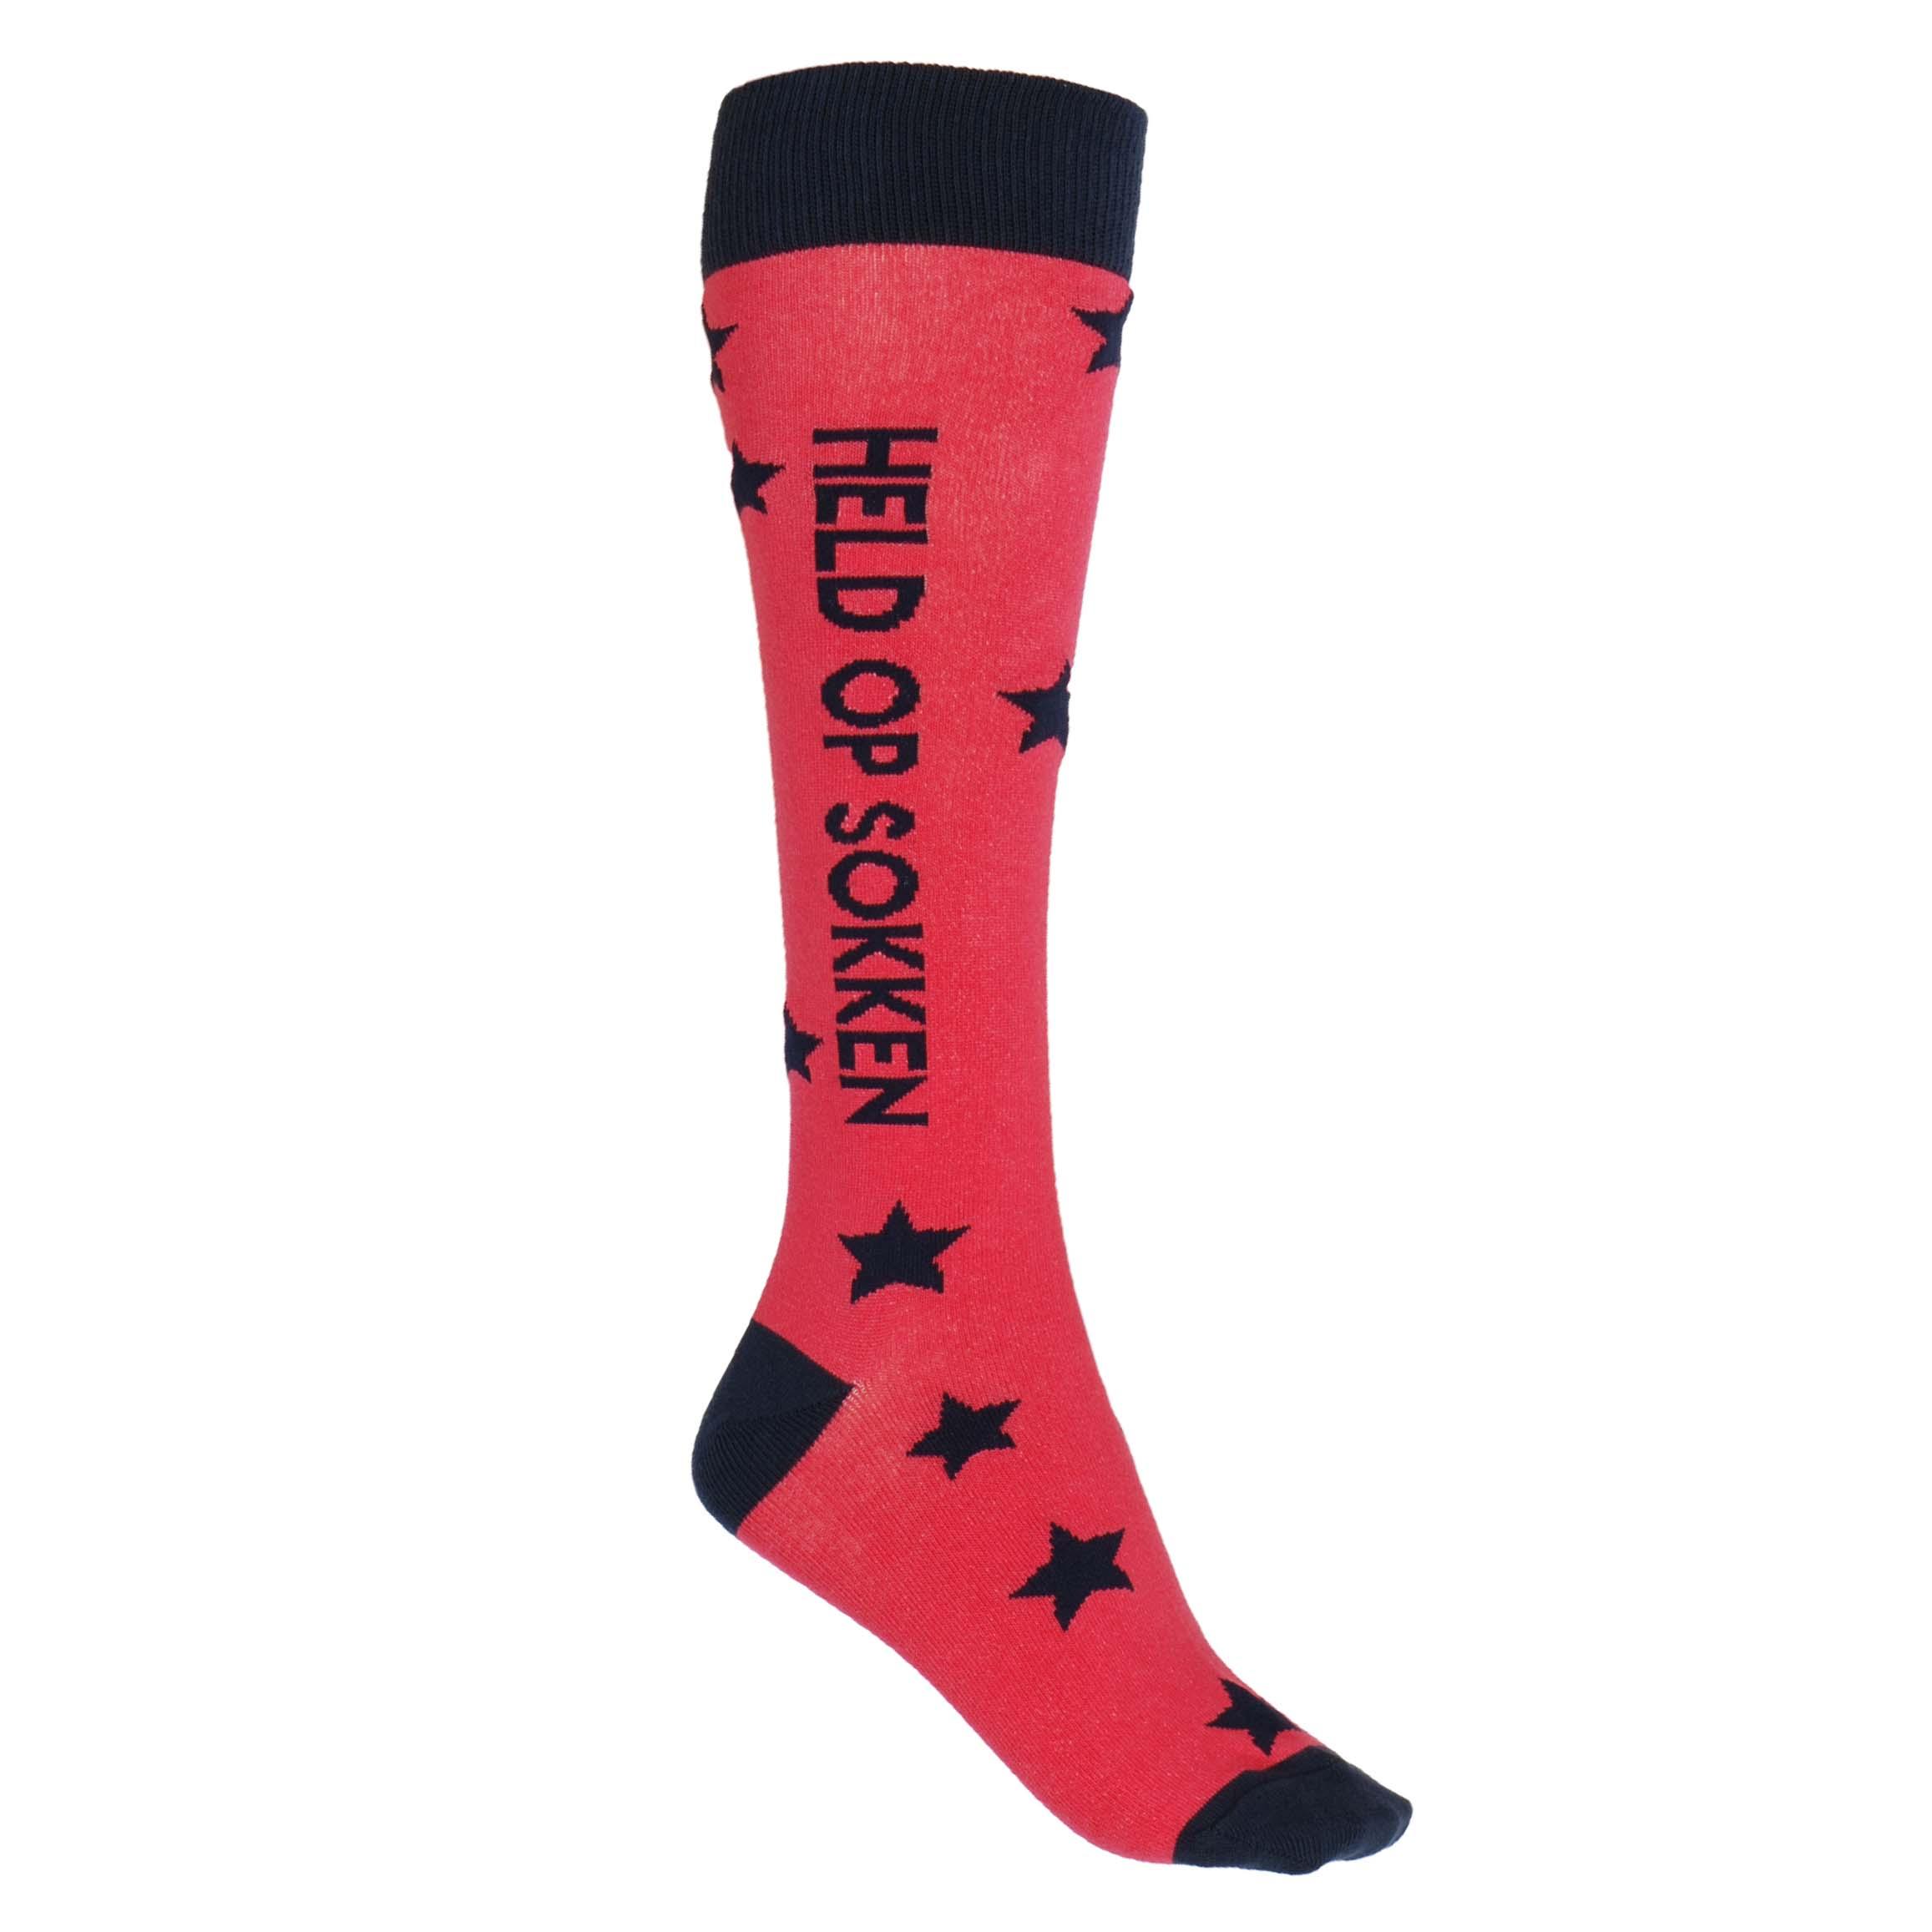 Mondoni Held op sokken kniekousen roze maat:31-34